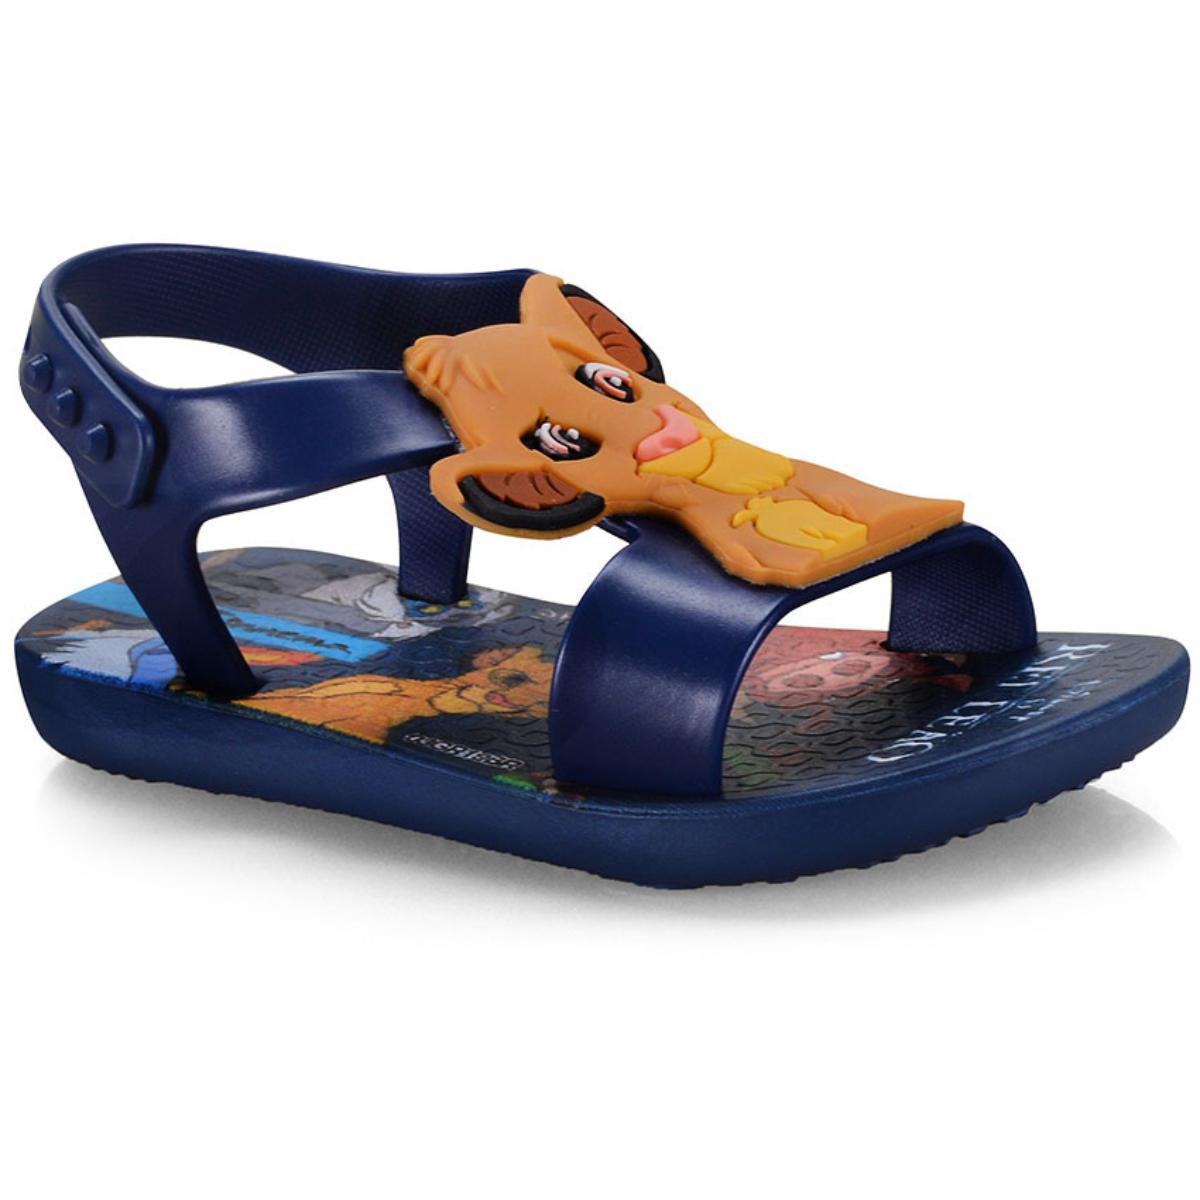 Sandália Masc Infantil Grendene 26359 22930 Ipanema Clássicos Disney Baby Azul/azul Escuro